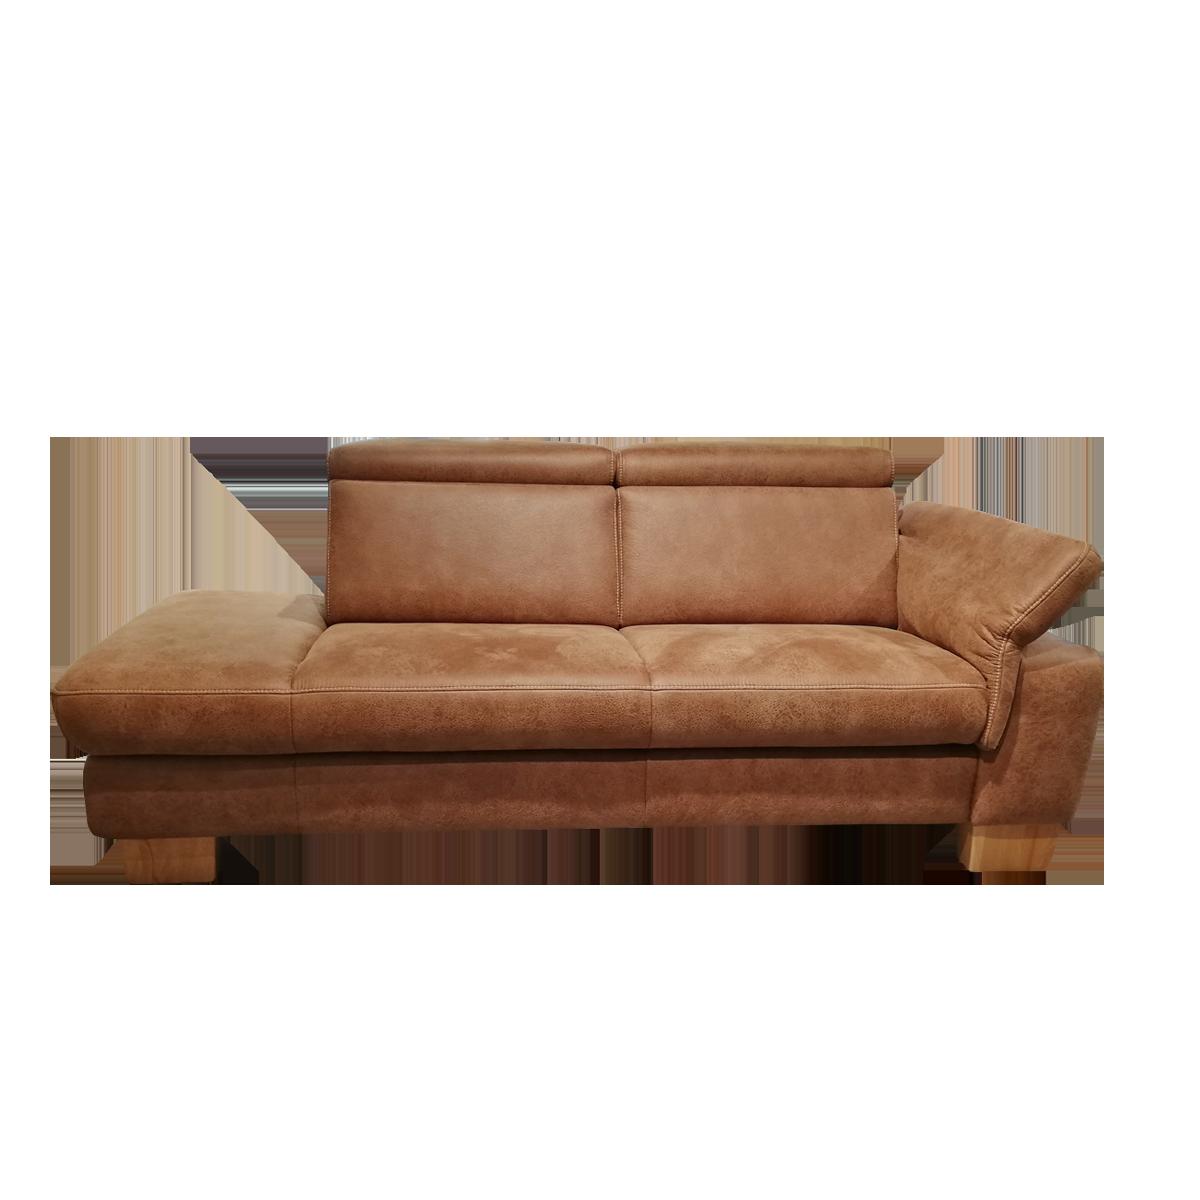 Full Size of Sofa Mit Recamiere Madrid Sofabezug Mikrofaser Braun Kontrastnaht Beige Küche Sideboard Arbeitsplatte Samt Big Schlaffunktion Jugendzimmer U Form Boxspring Sofa Sofa Mit Recamiere